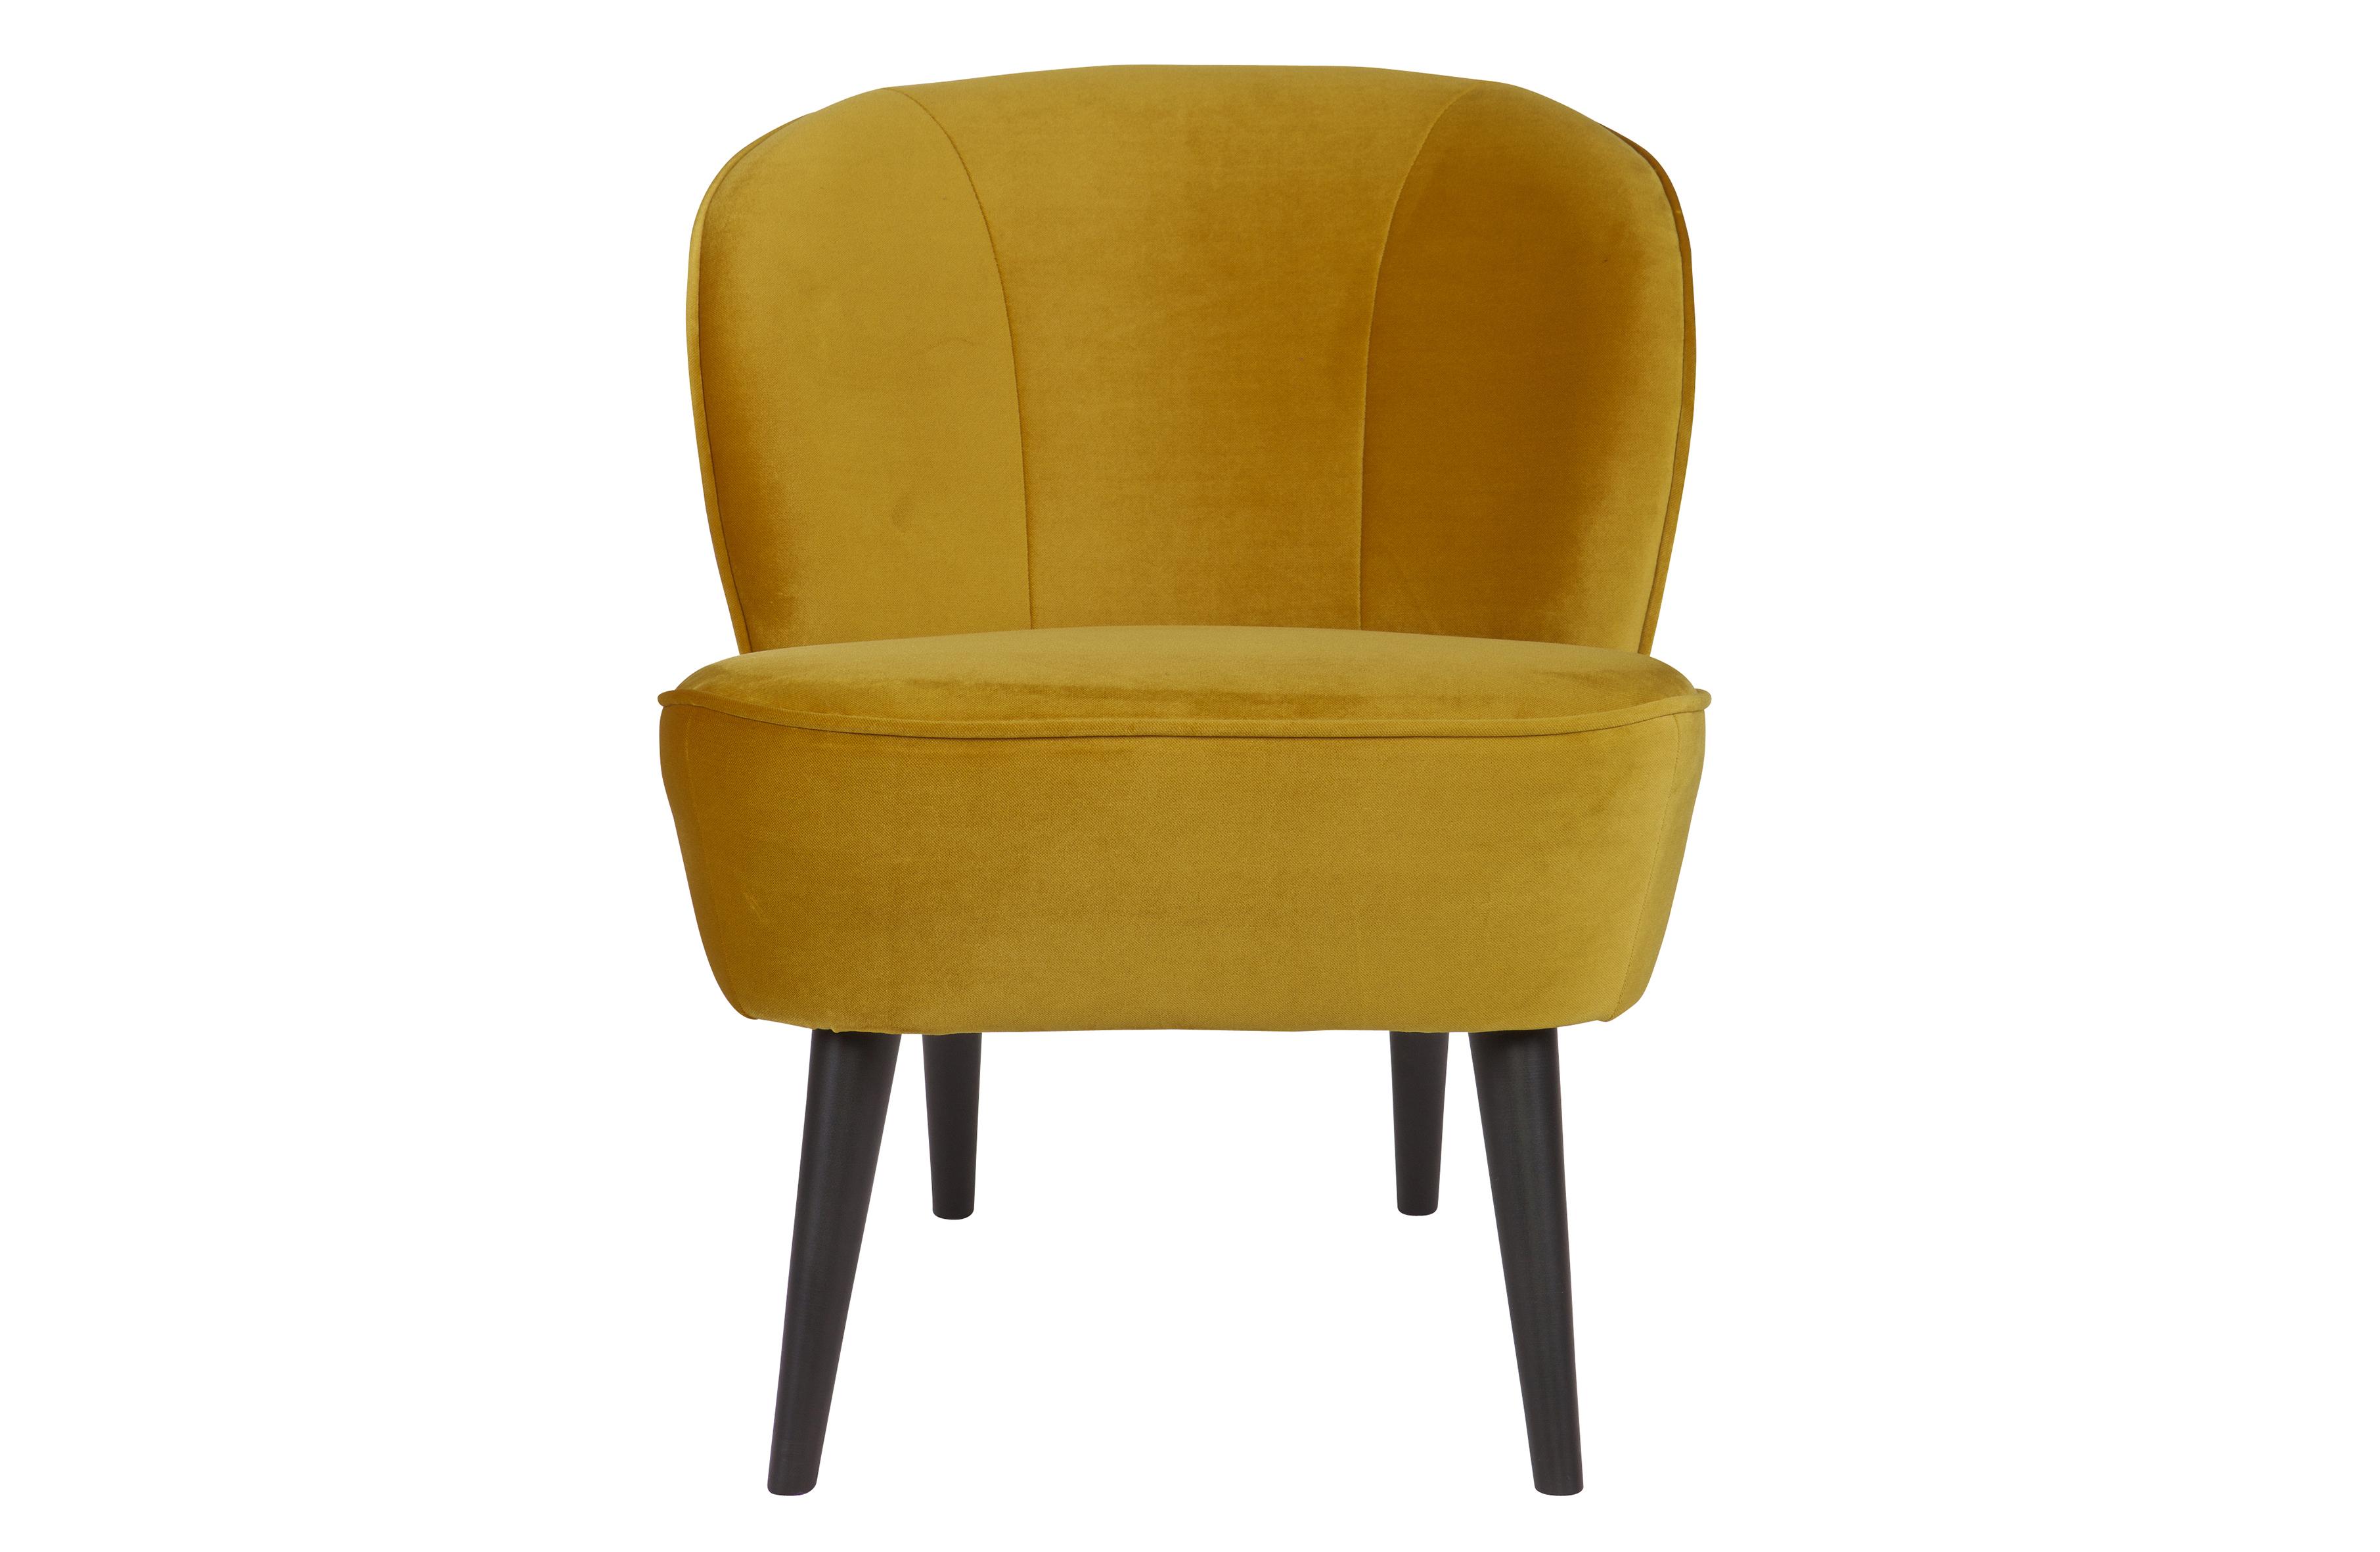 Sara fauteuil fluweel oker banken woonkamer woood